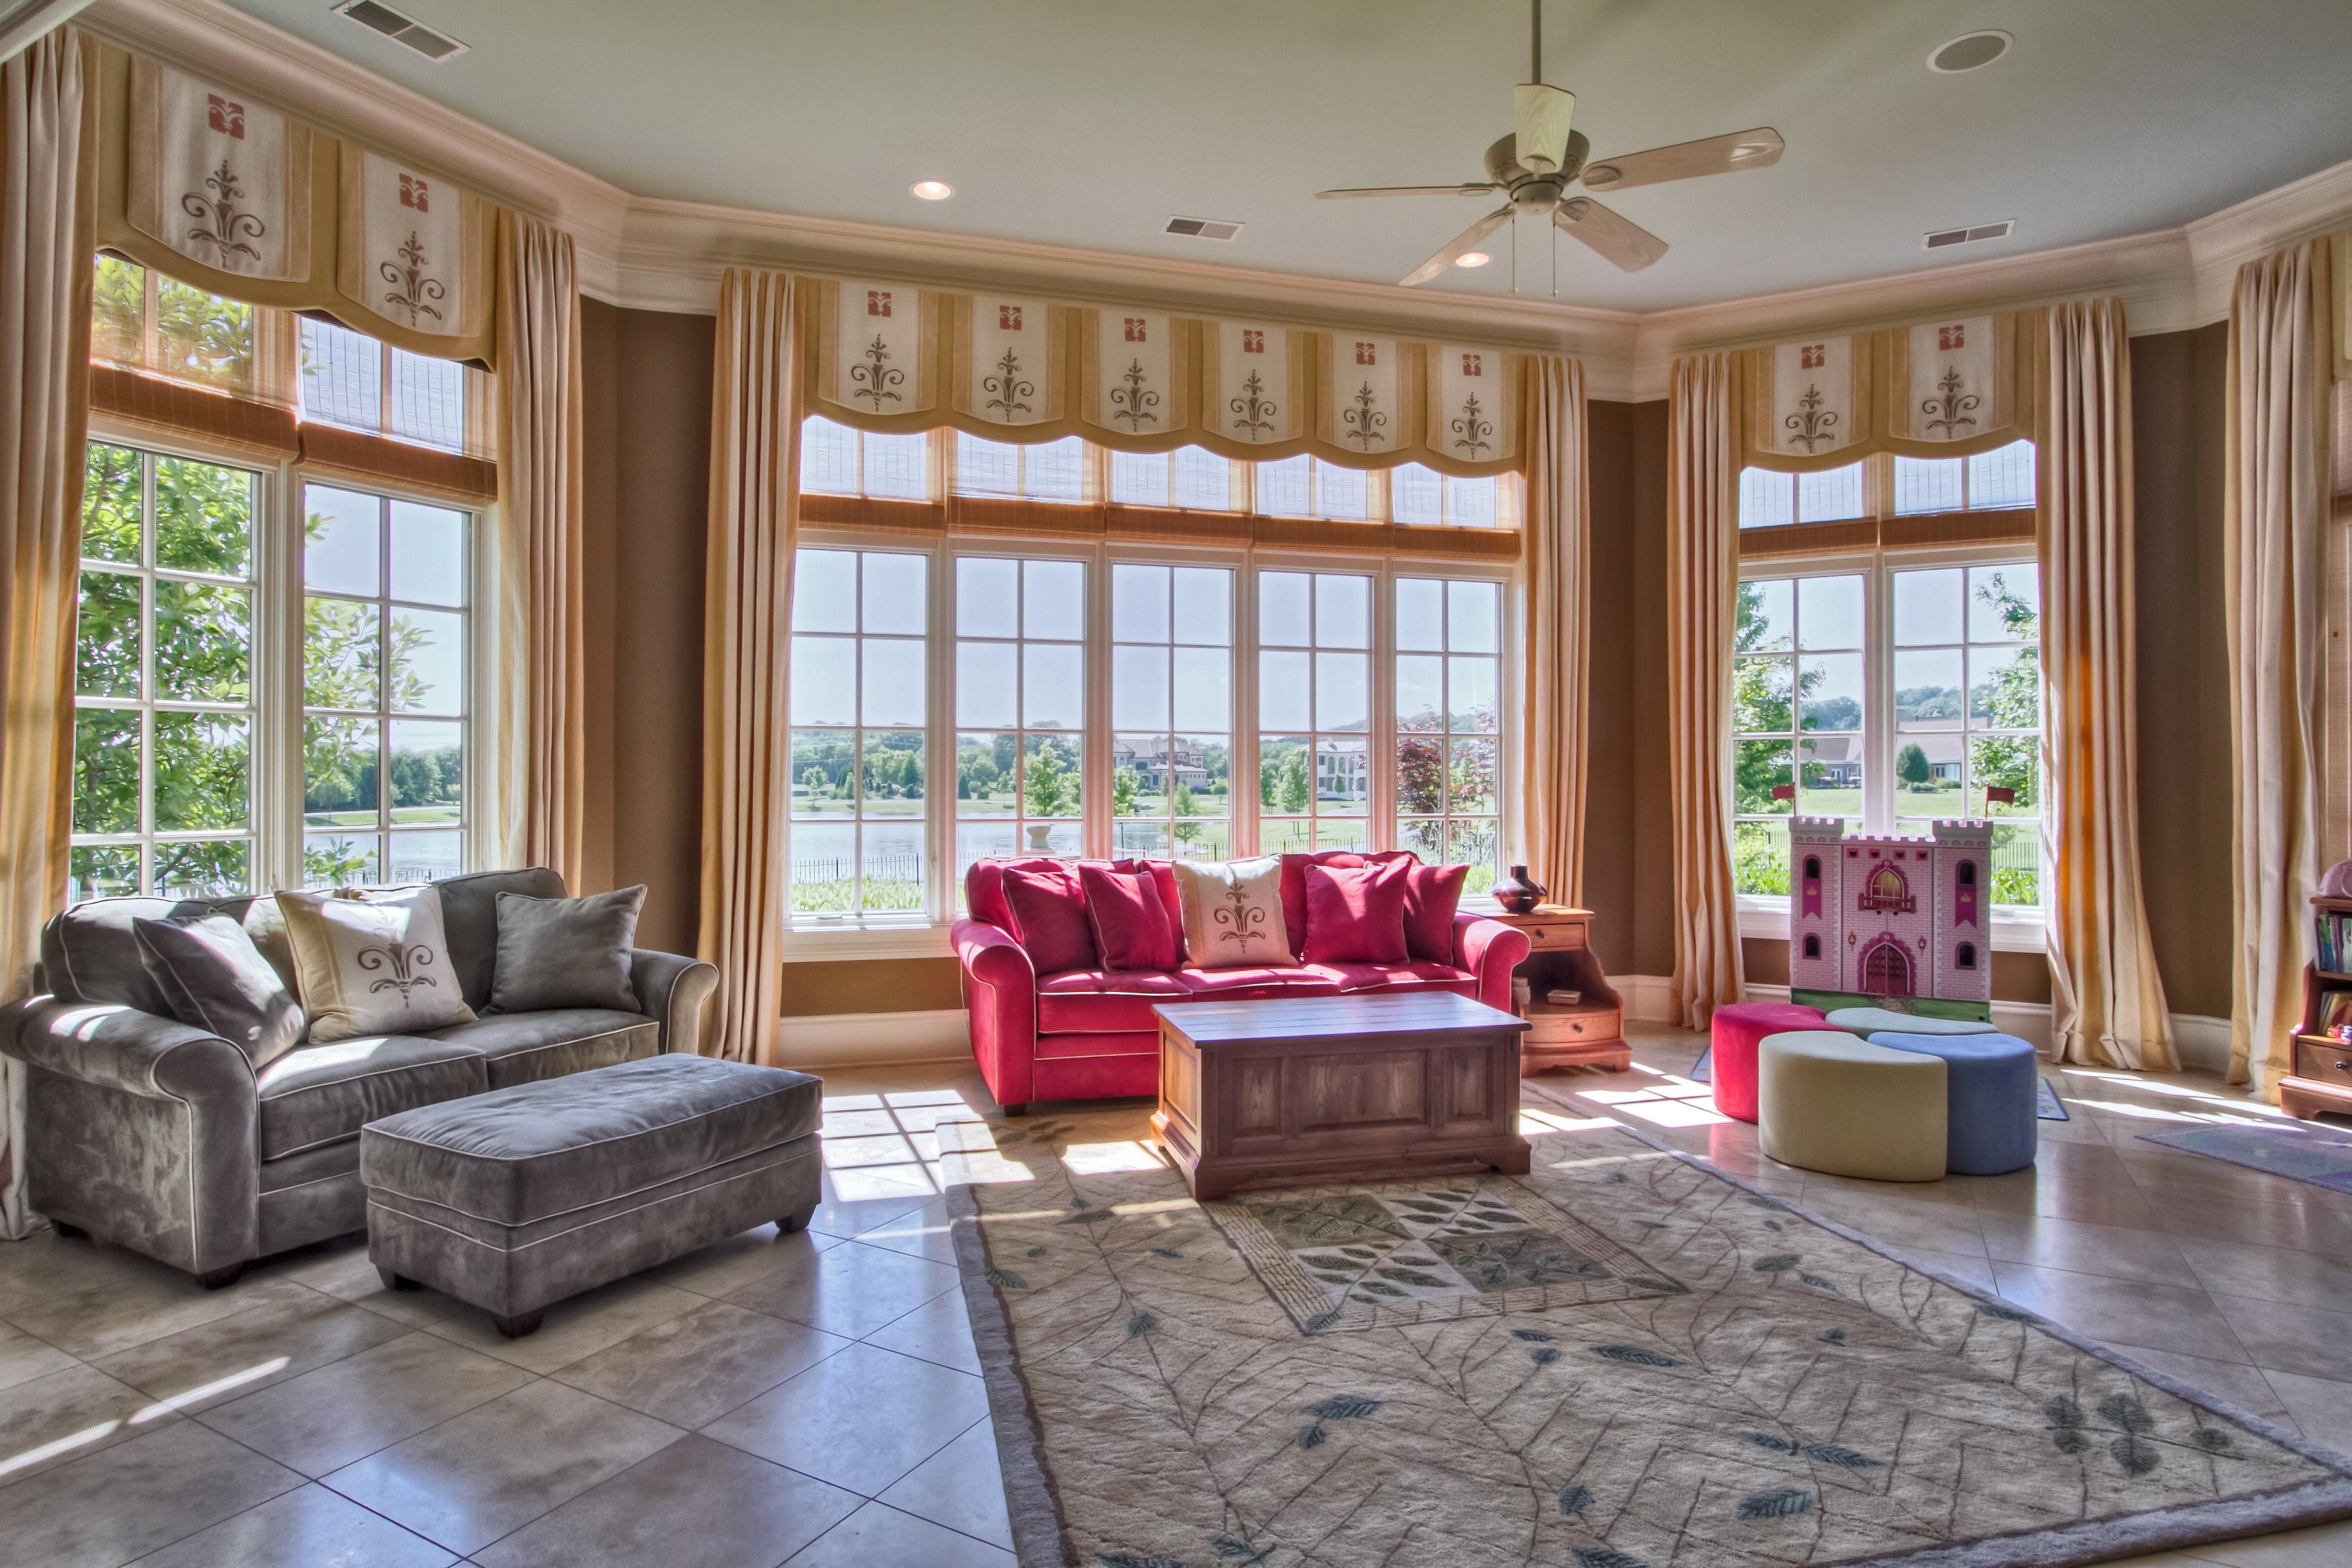 Fotos wohnzimmer zimmer innenarchitektur couch teppich fenster for Innenarchitektur wohnzimmer